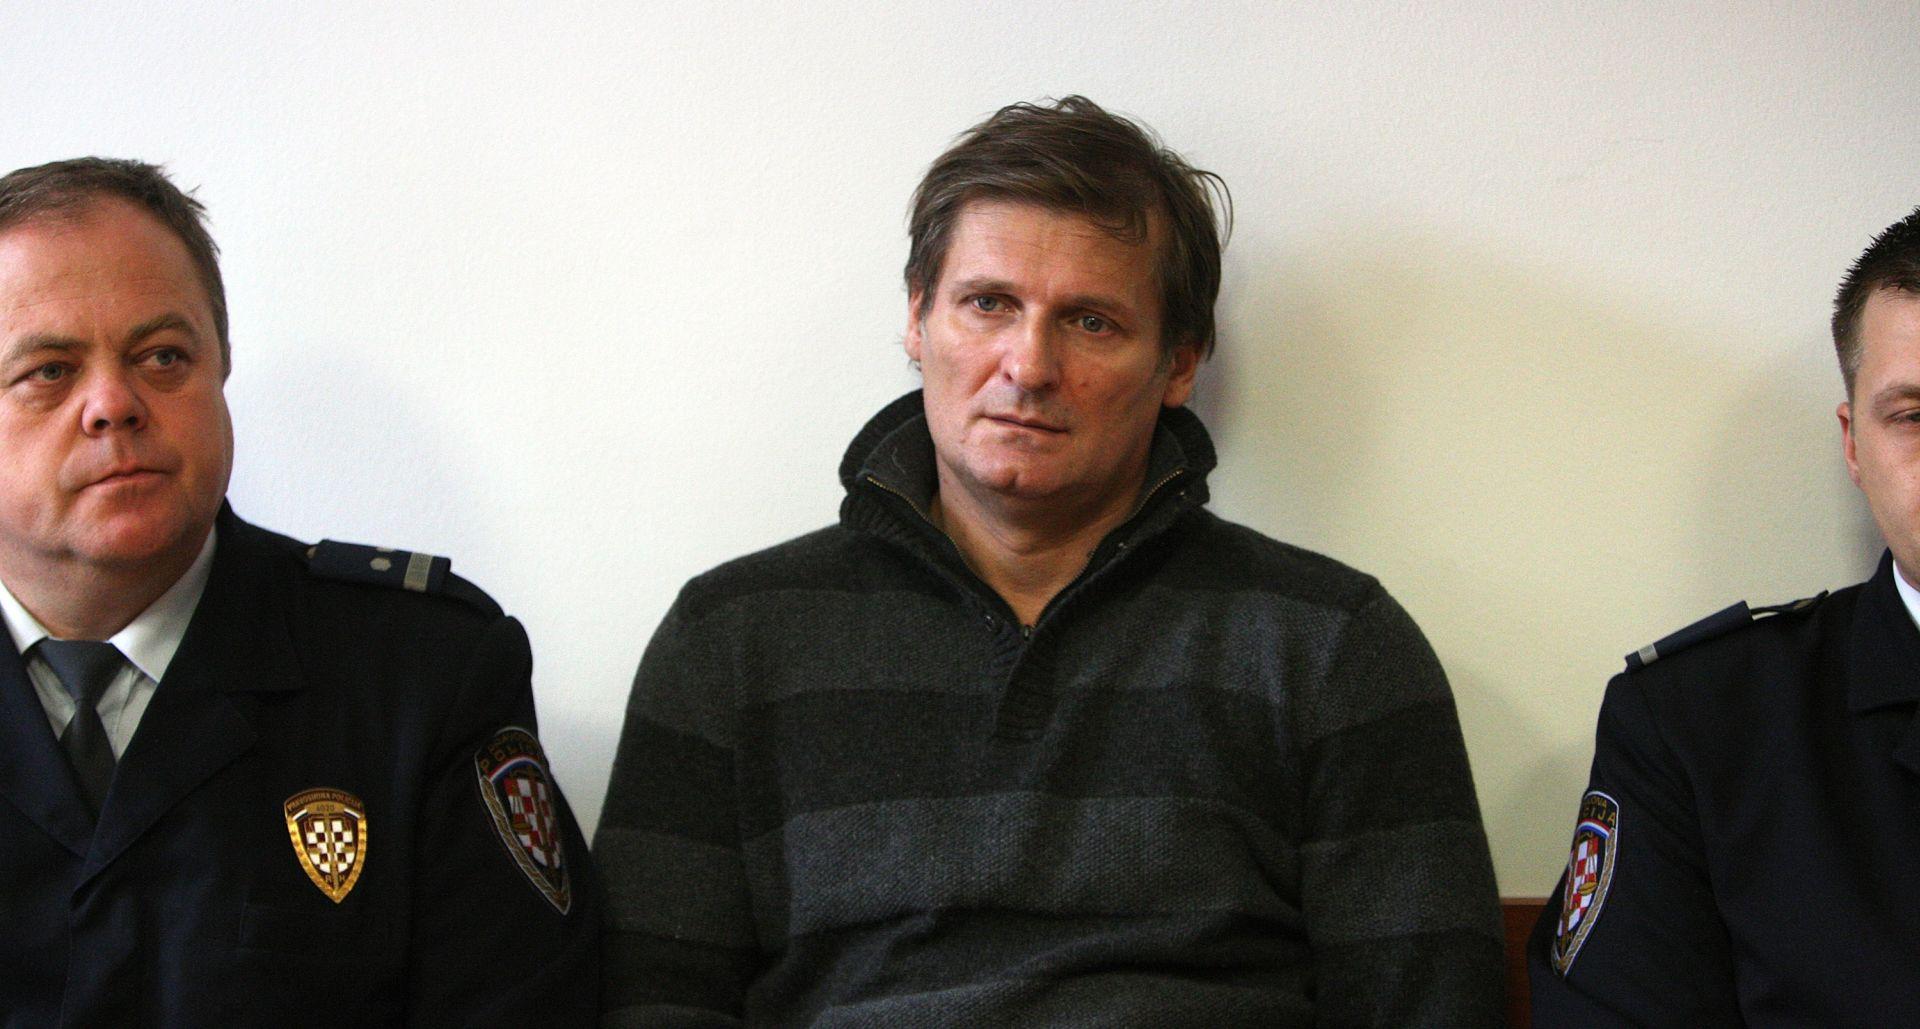 Odvjetnik ubojica ponovno u istražnom zatvoru zbog obiteljskog nasilja